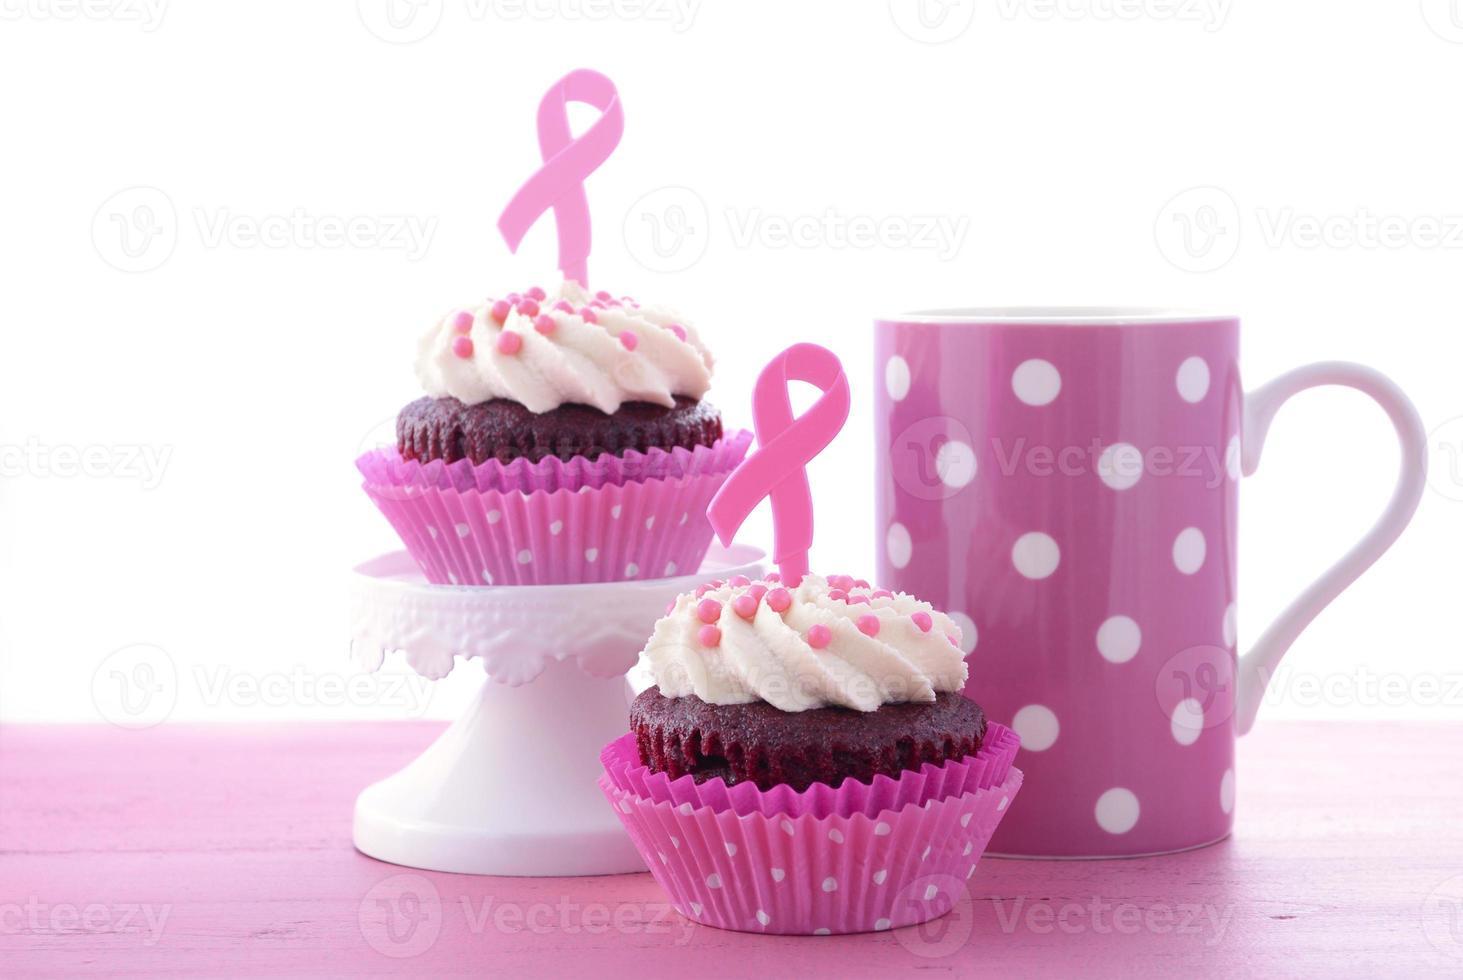 cinta rosa caridad para cupcakes de concientización sobre la salud de las mujeres. foto